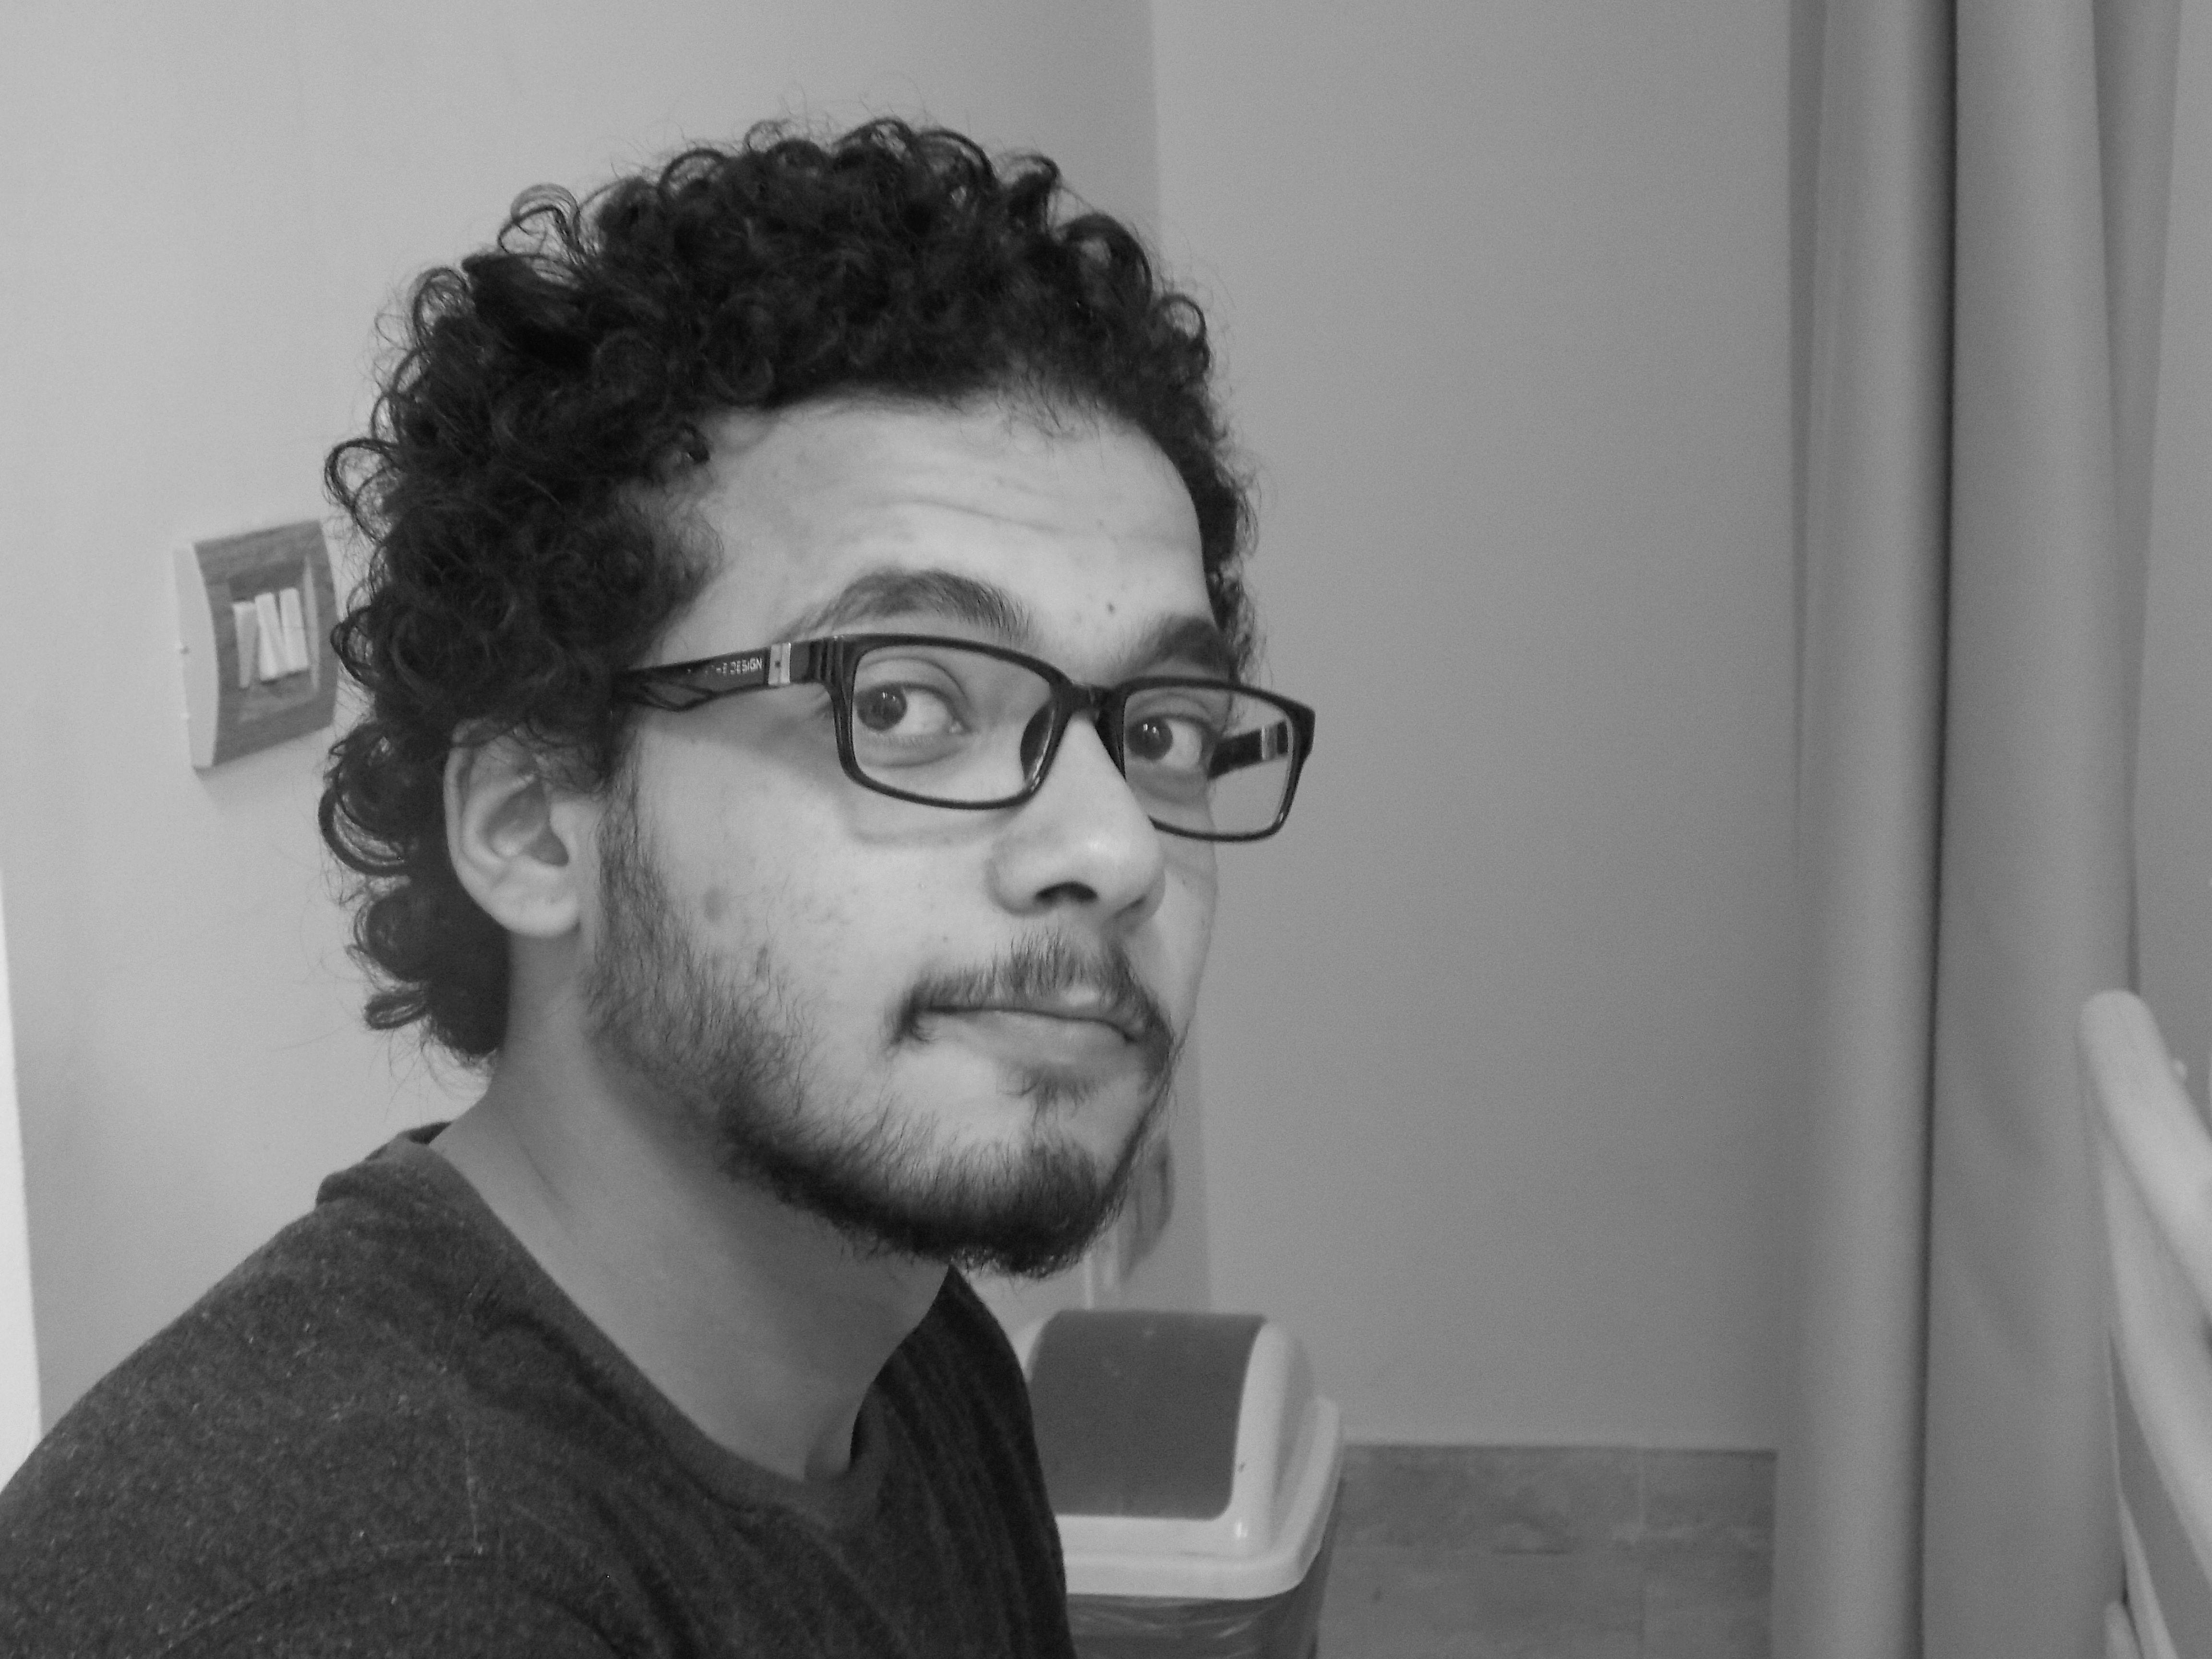 معاذ محمد عبدالحميد Headshot